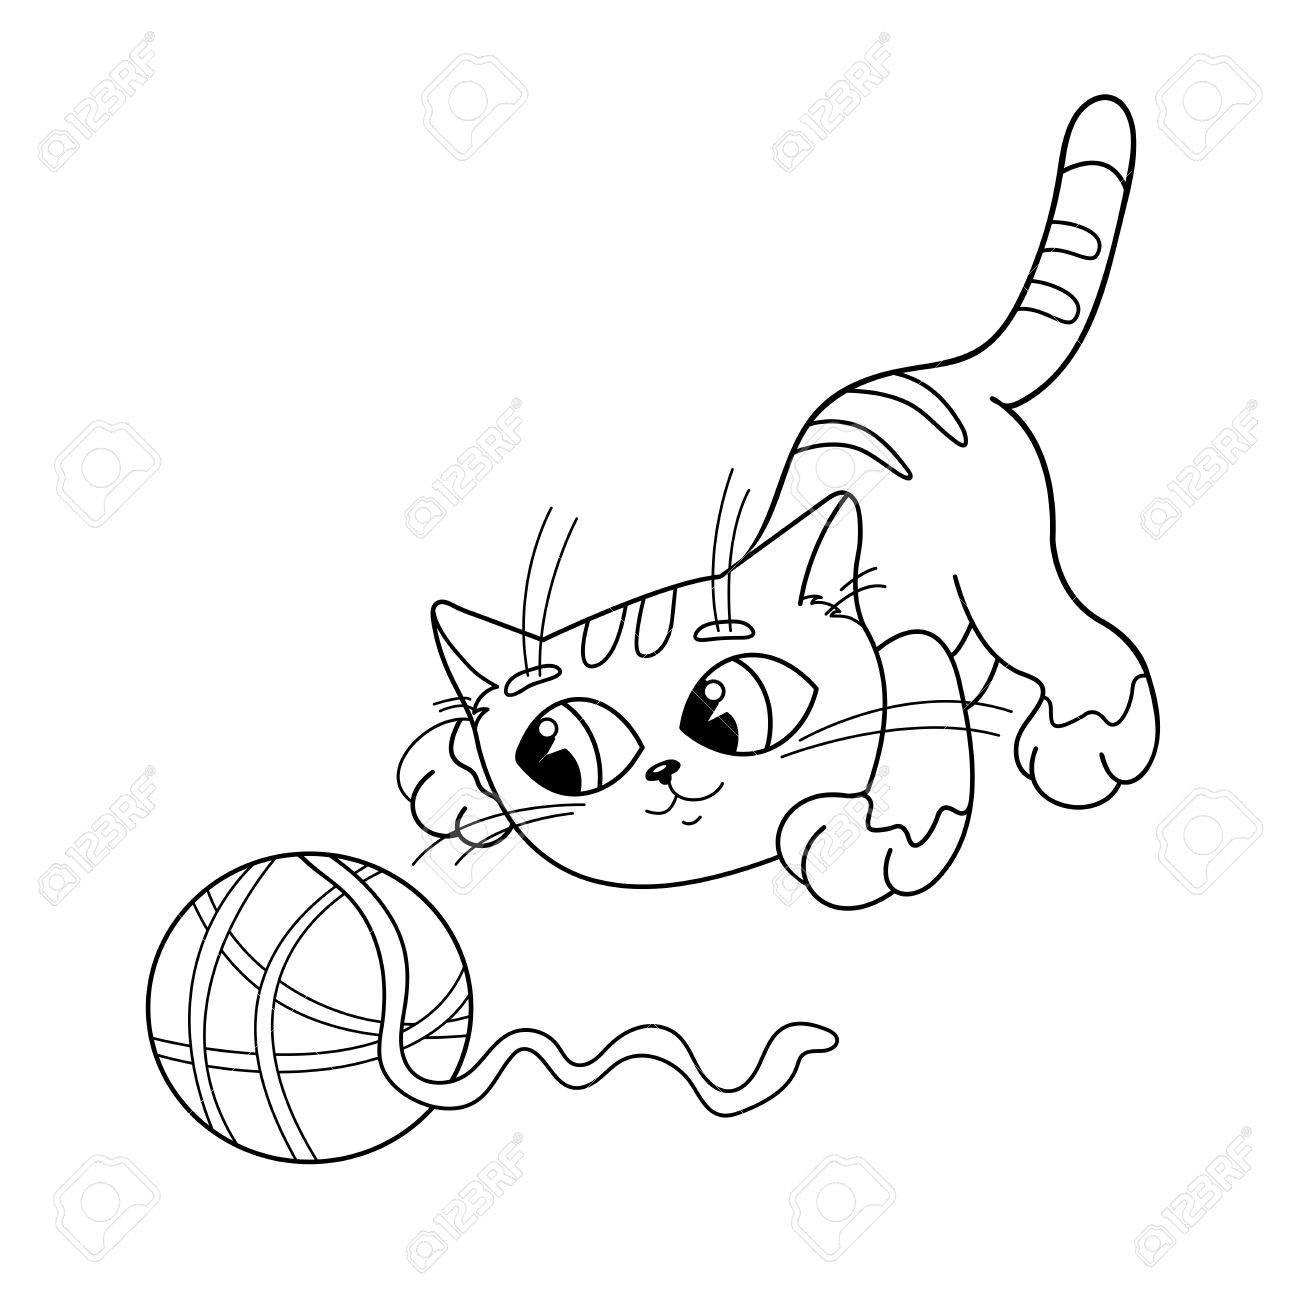 Página Para Colorear Esquema De Un Gato De Dibujos Animados Jugando ...